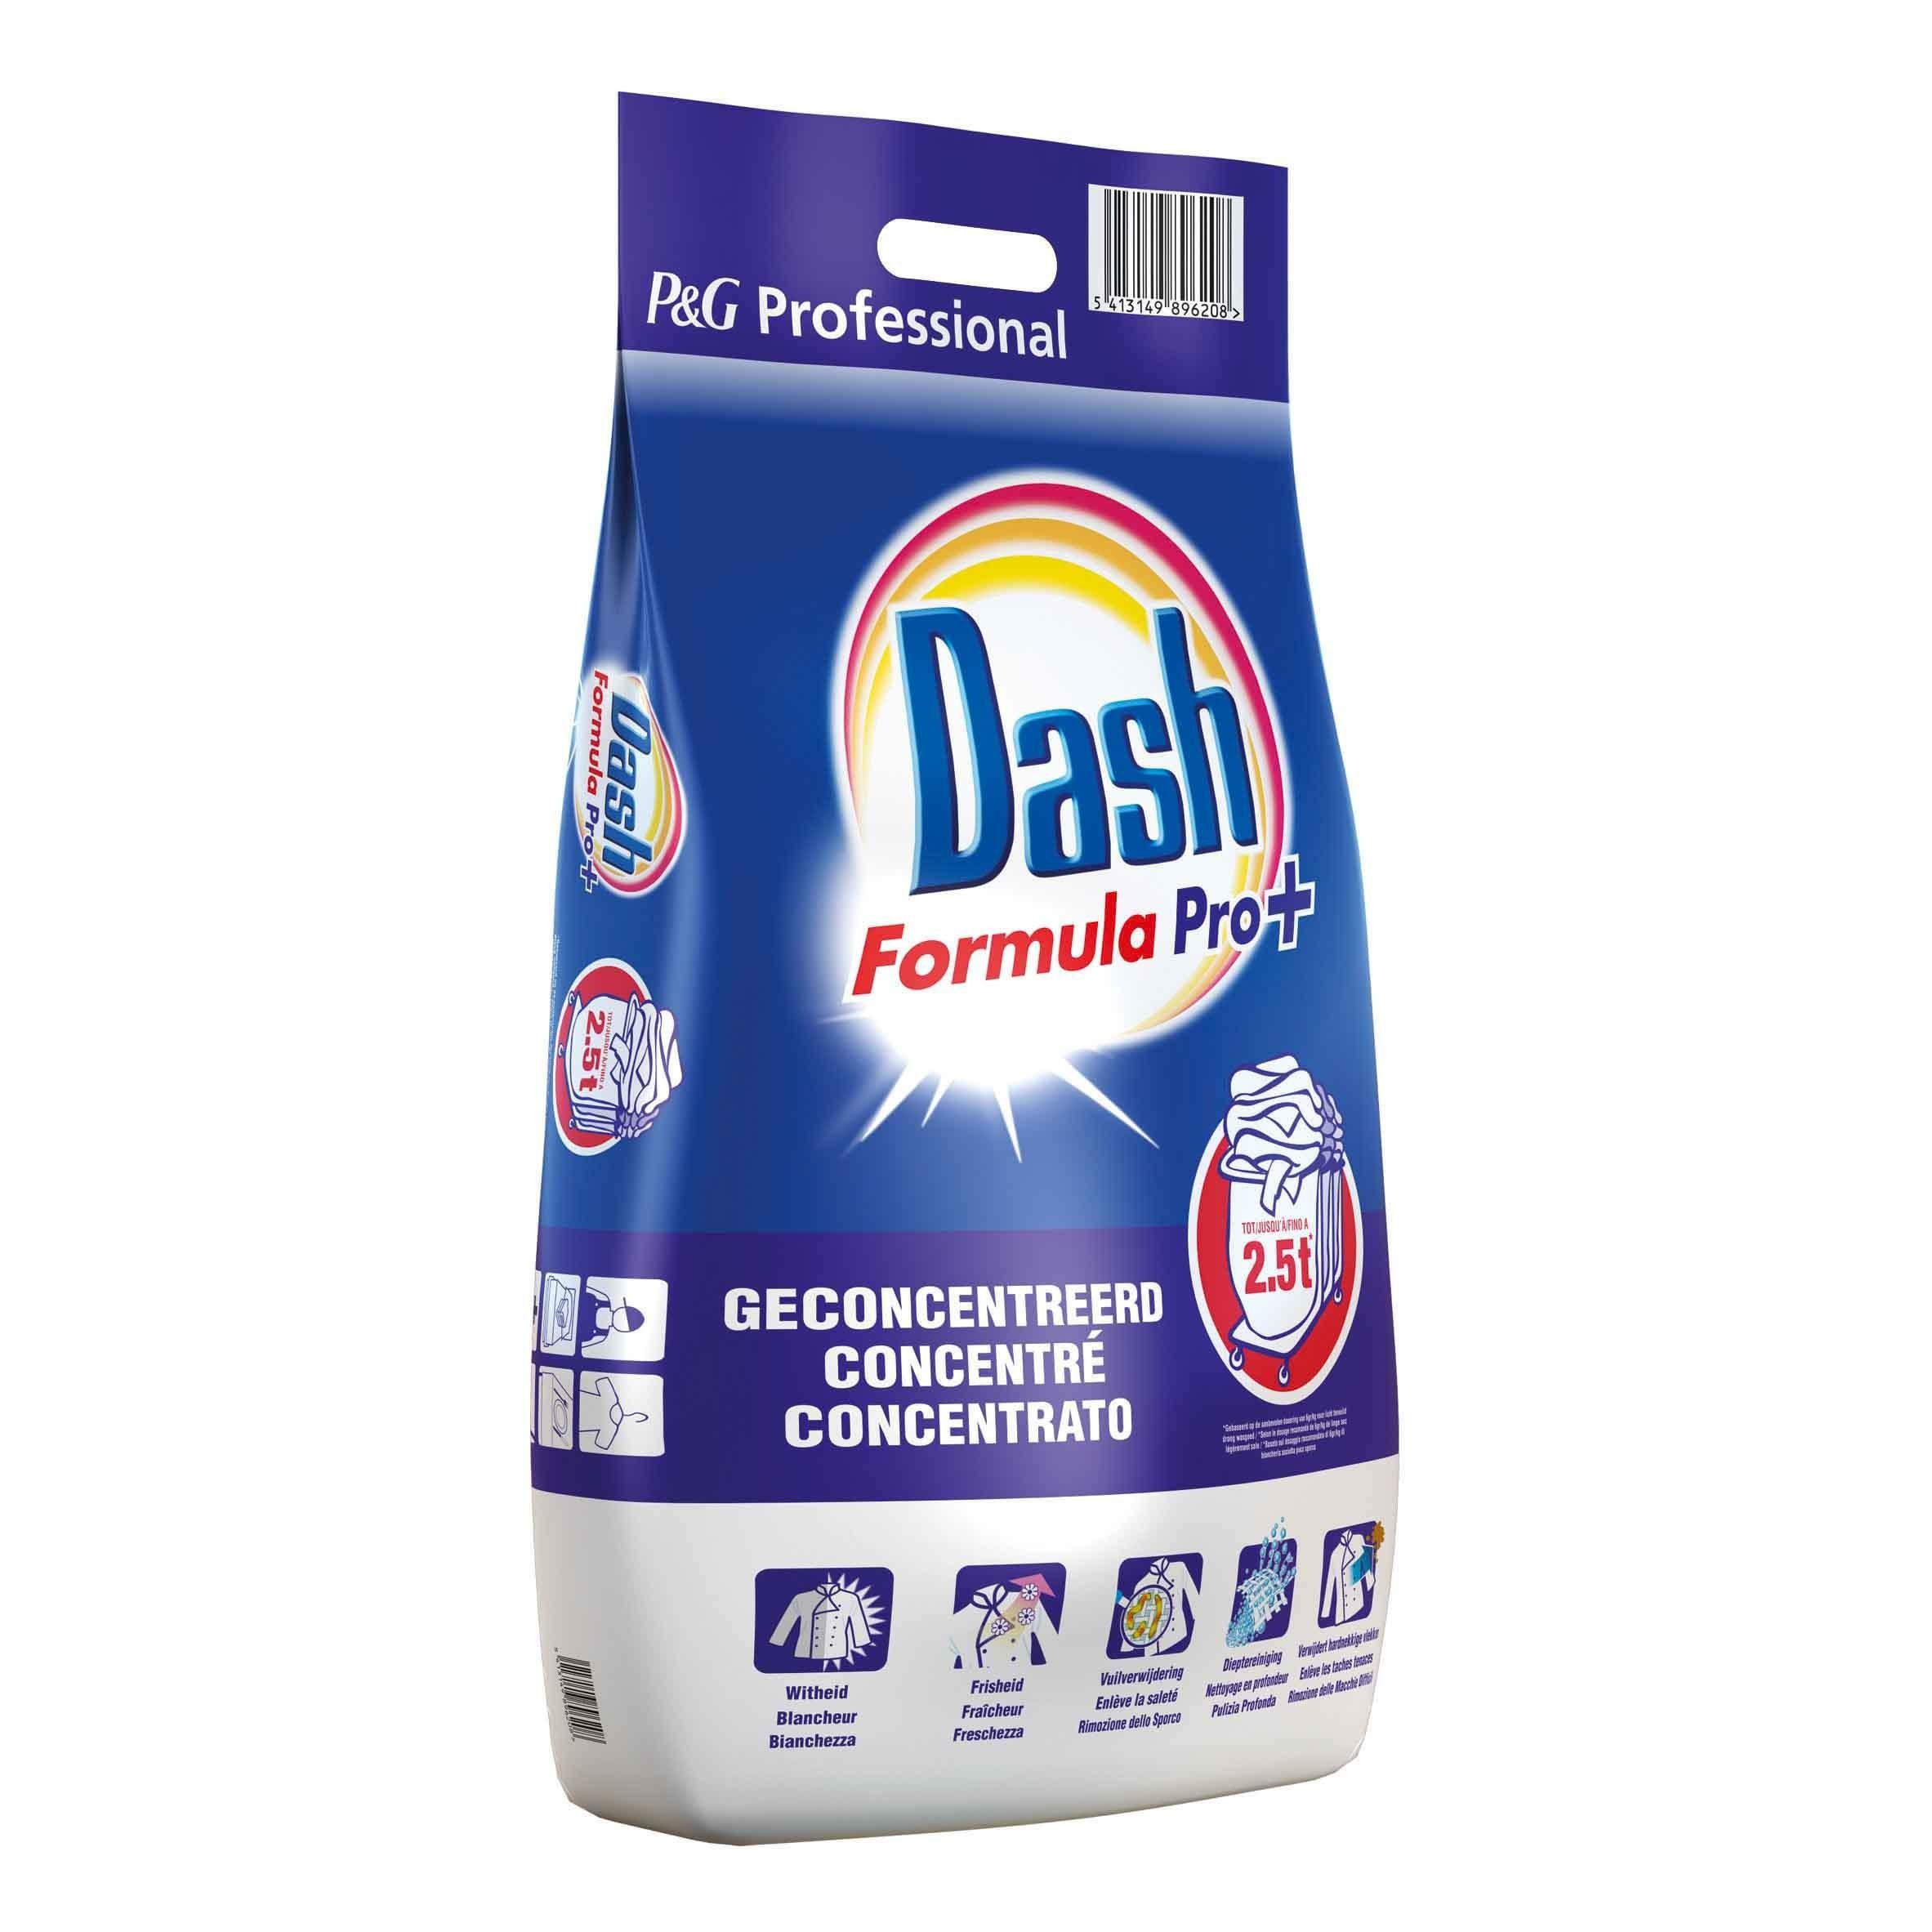 Dash Formula Pro+ 13kg lessive 130dos P&G Professional